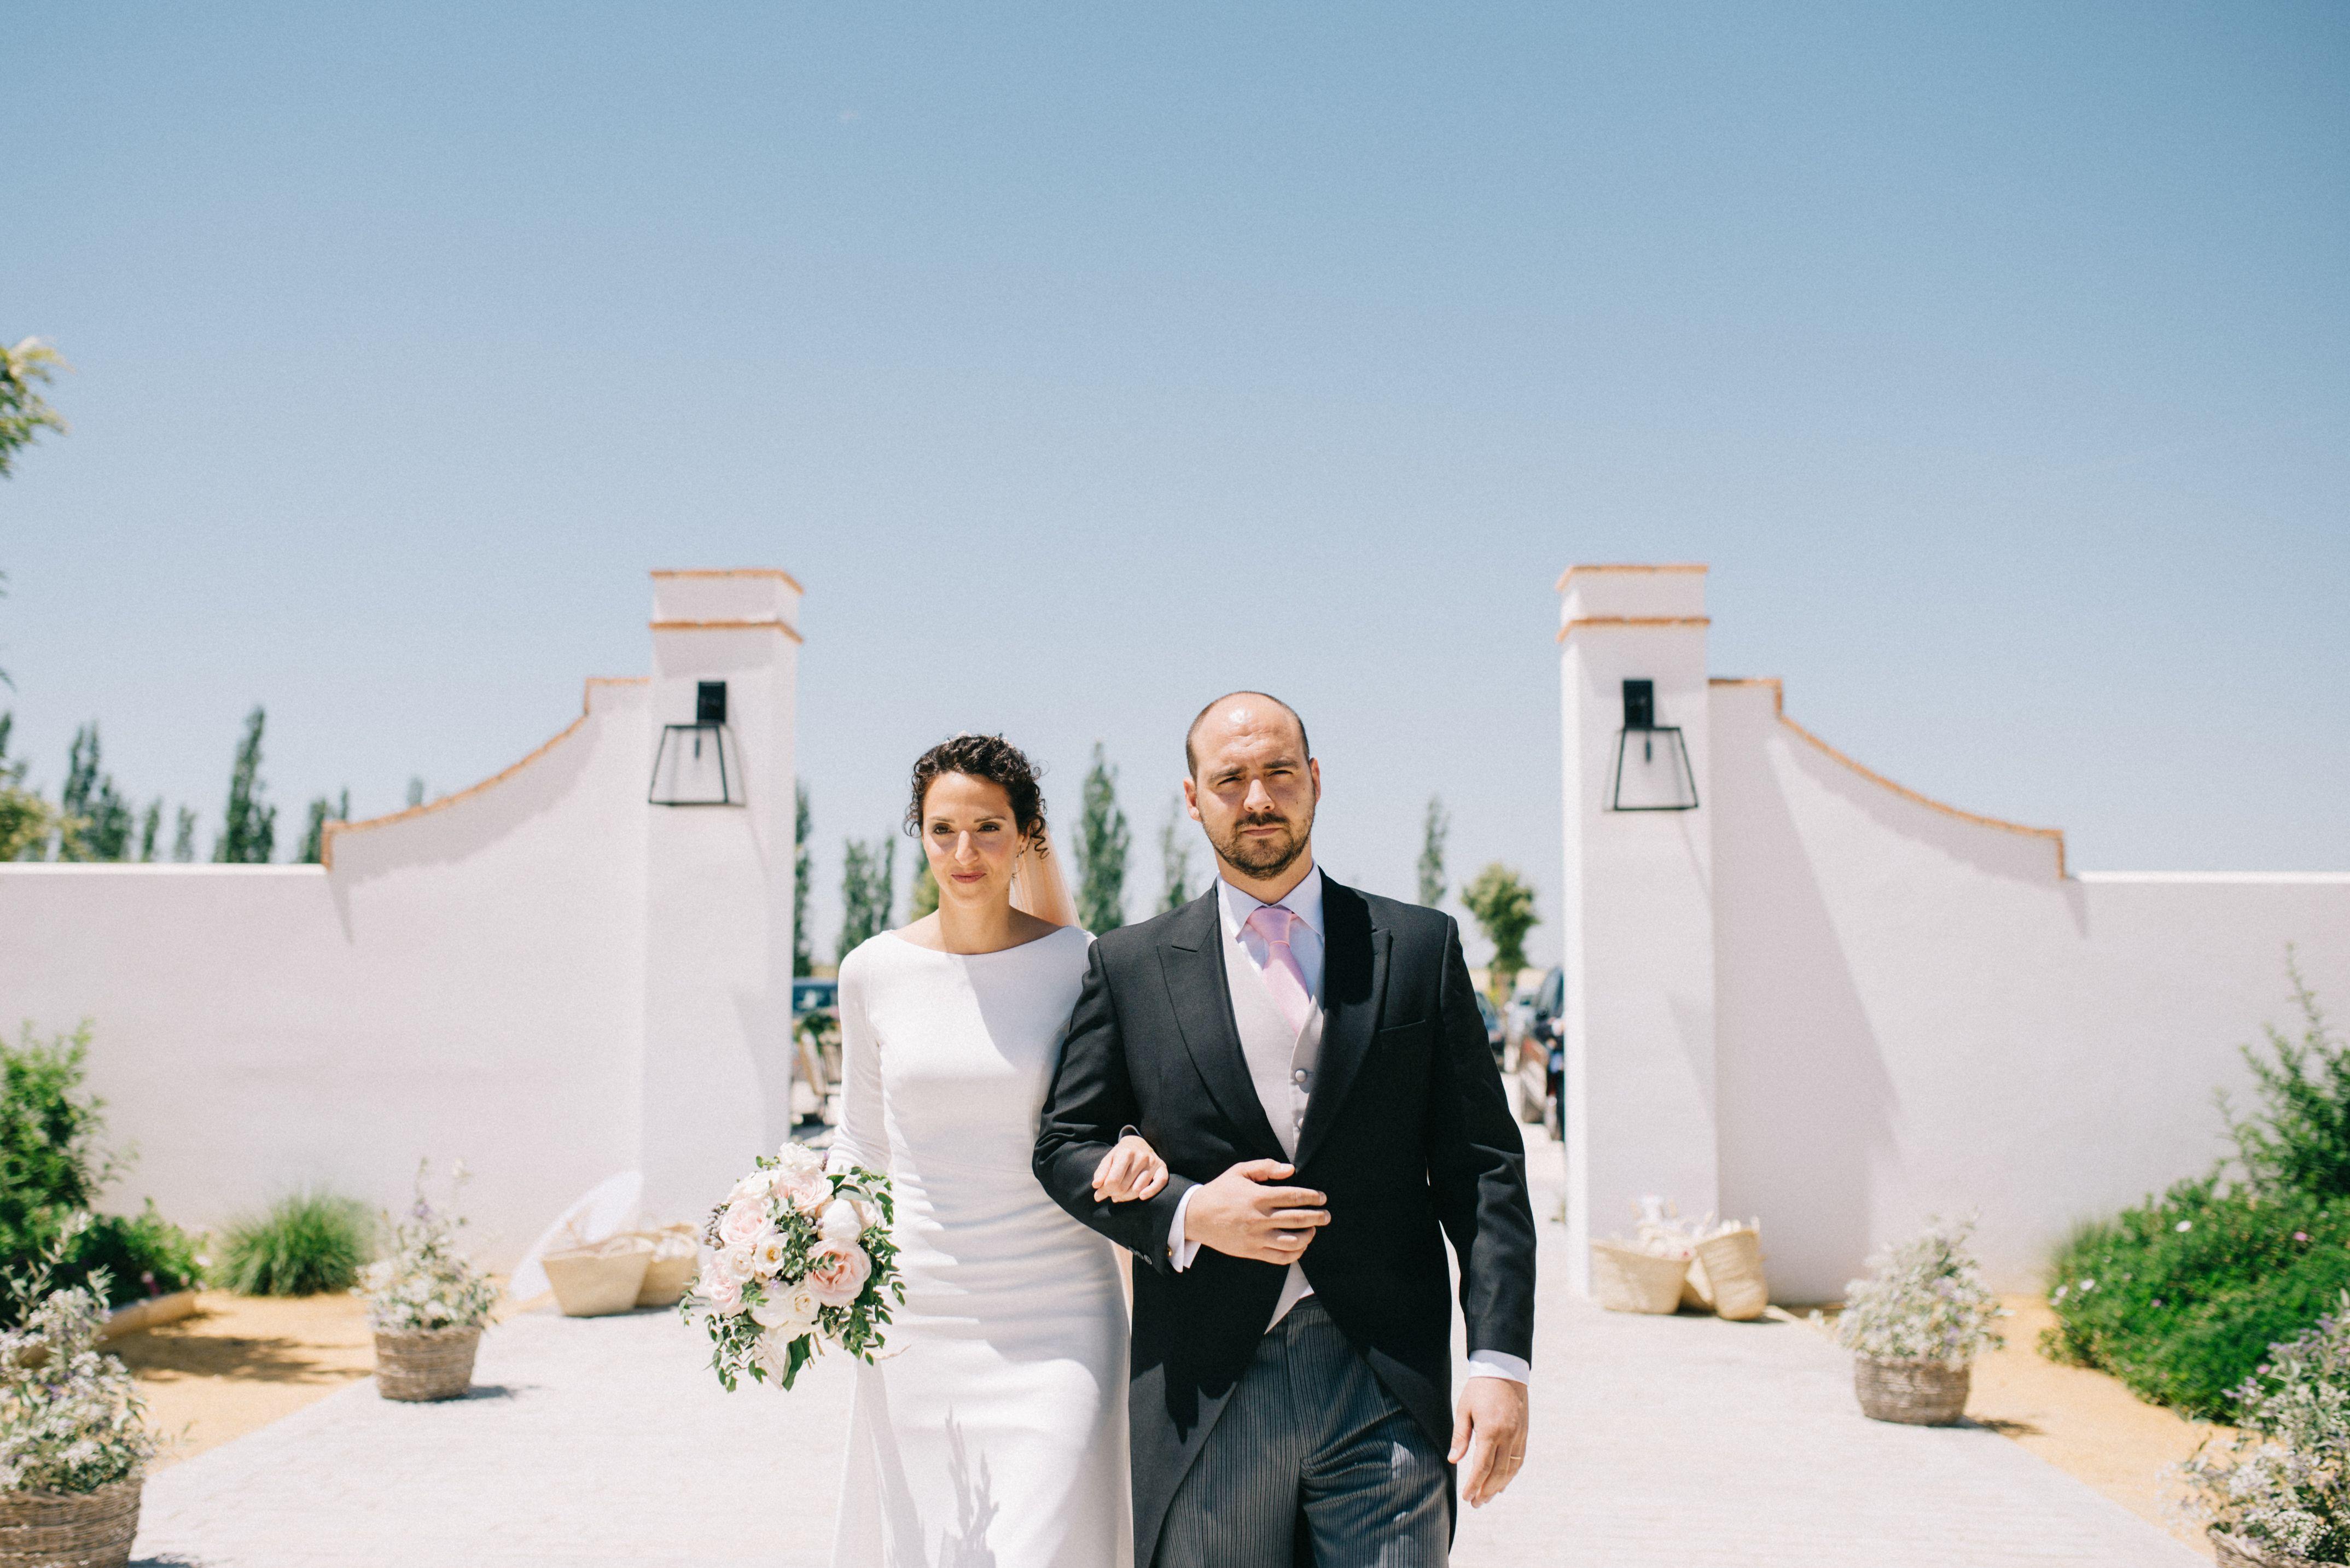 La boda de María y Guillermo en Cortijo Olivar de la Sargenta-61